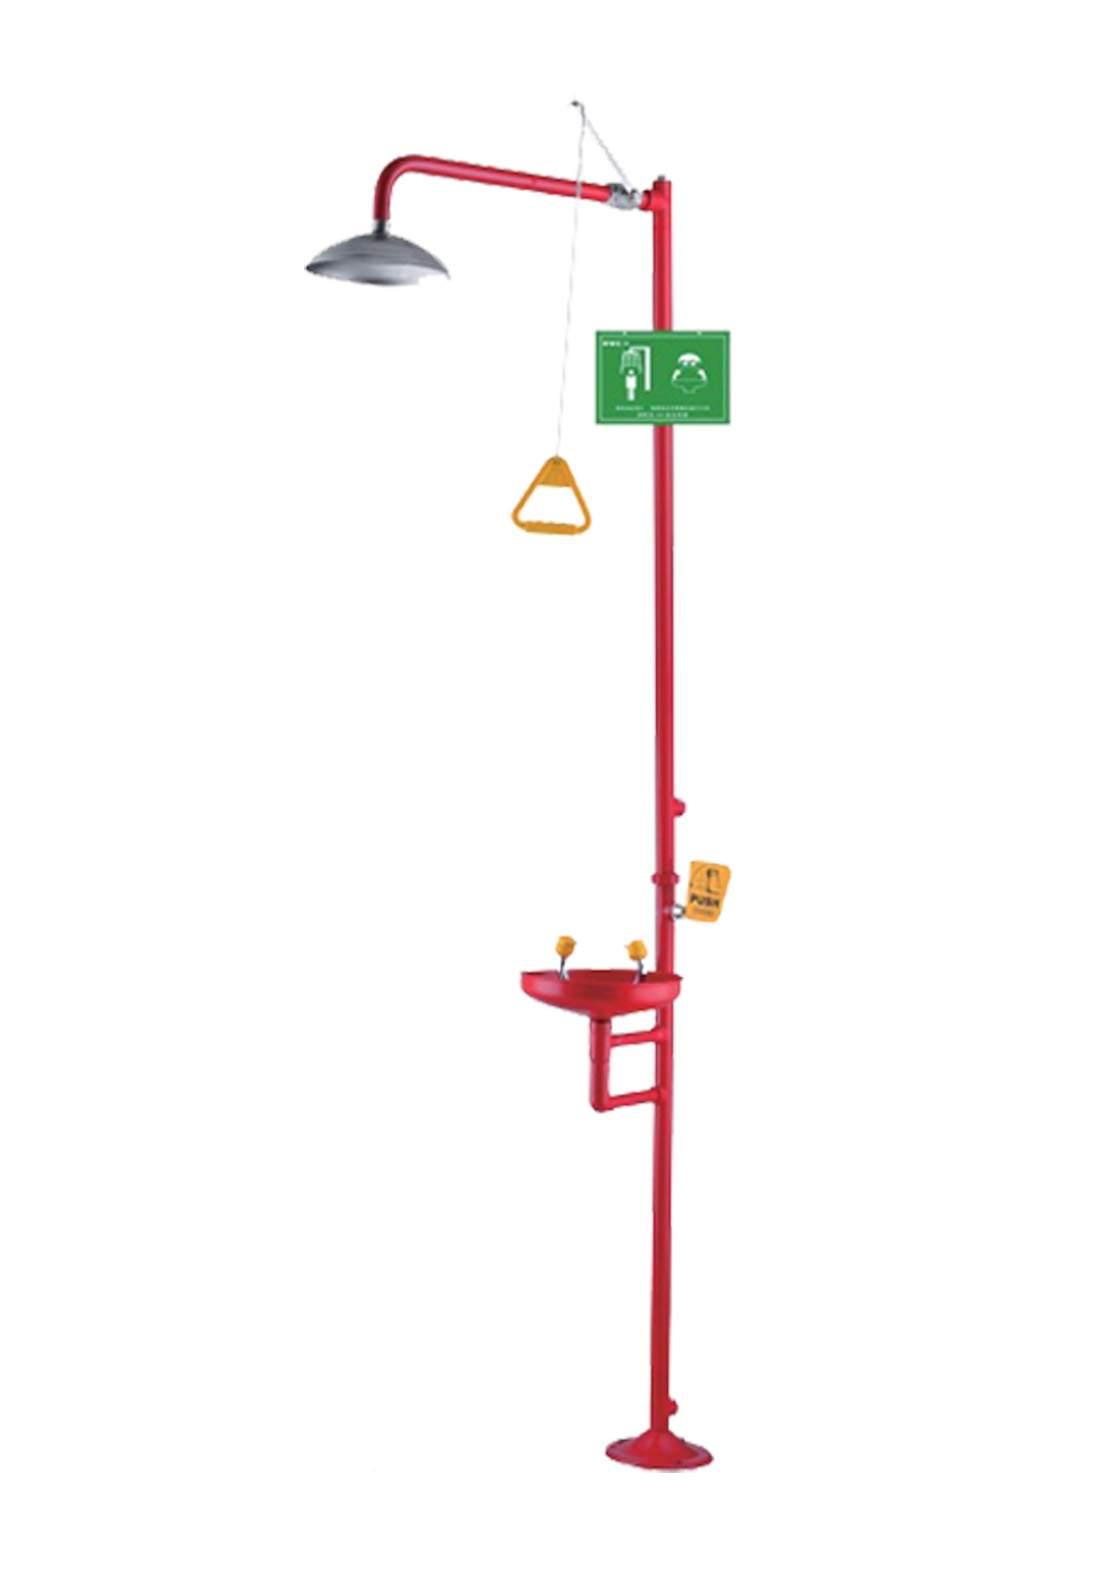 Subul AlHurra Emergency Shower and Eye Wash Station دوش الطوارئ